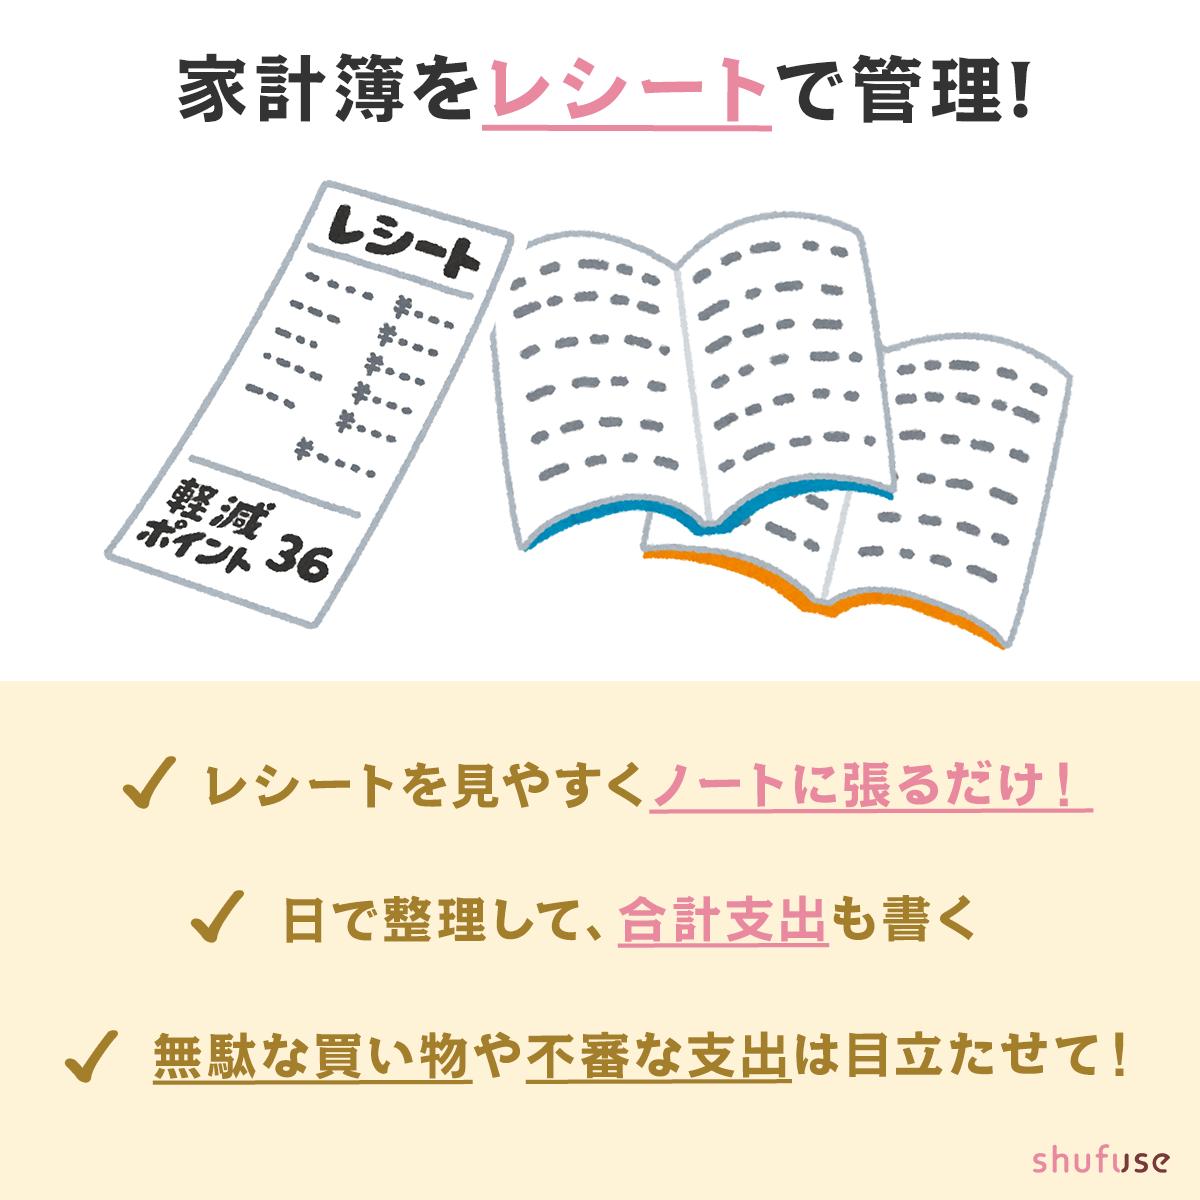 レシートをノートに張って家計簿を簡単に!